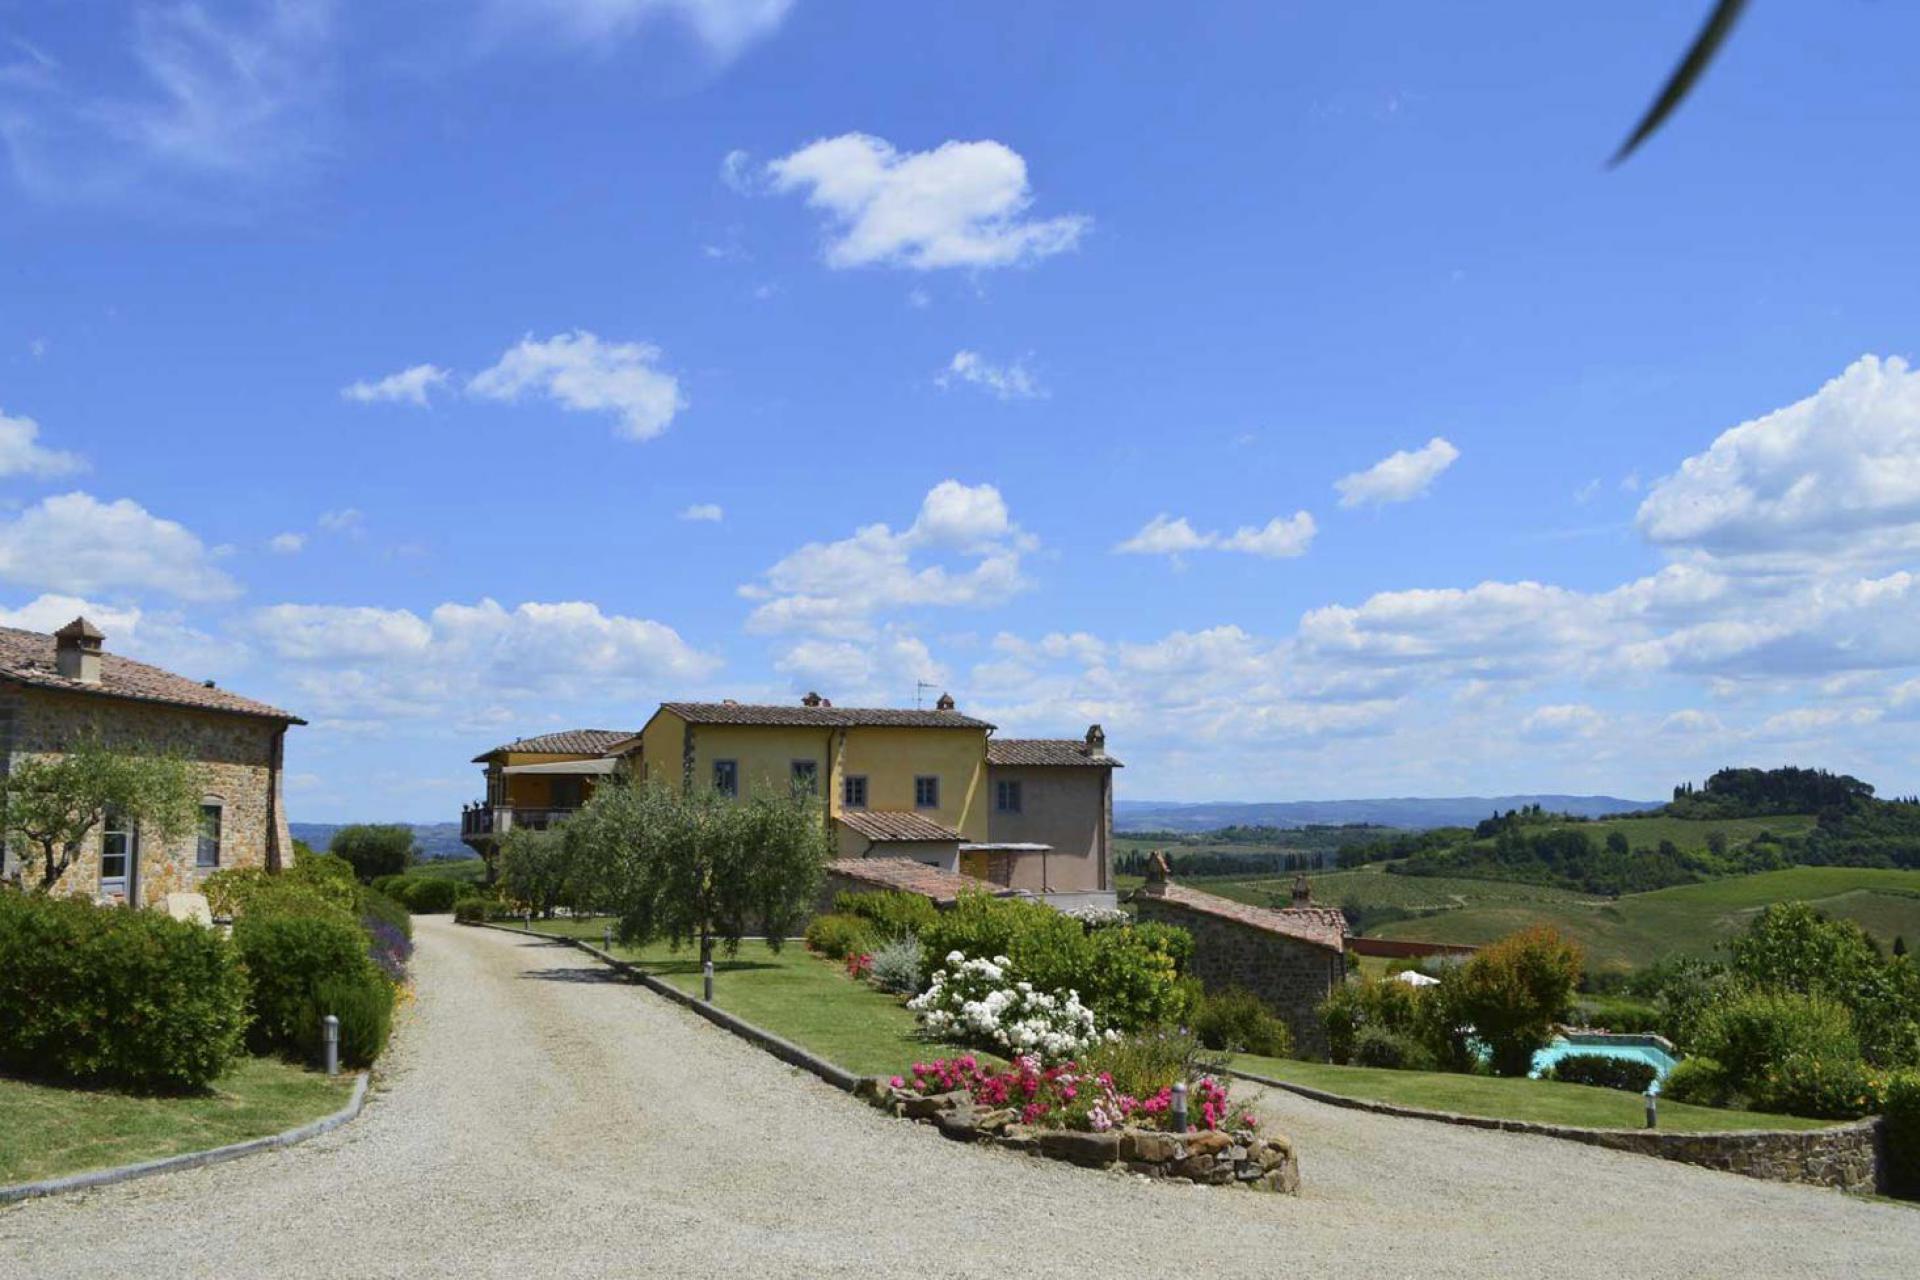 Agriturismo Piemont Agriturismo Piemont, in einem authentischen Dorf